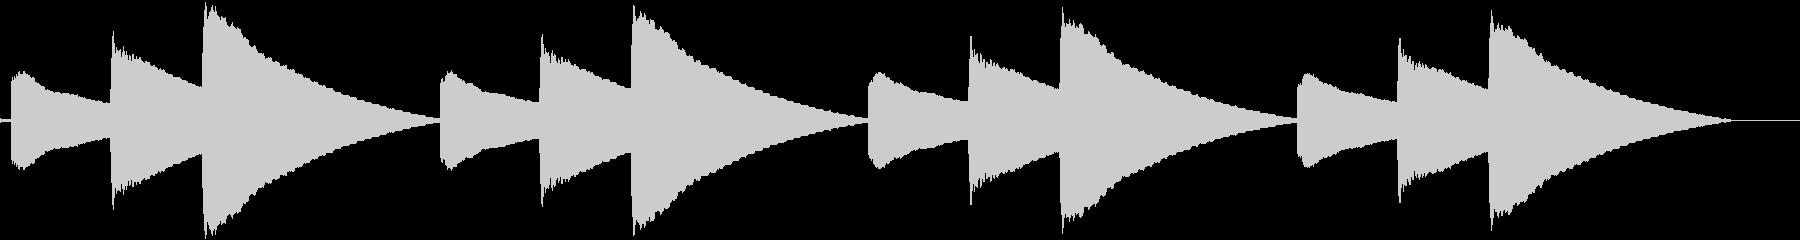 ピロリン(玄関のチャイムが鳴る音)の未再生の波形